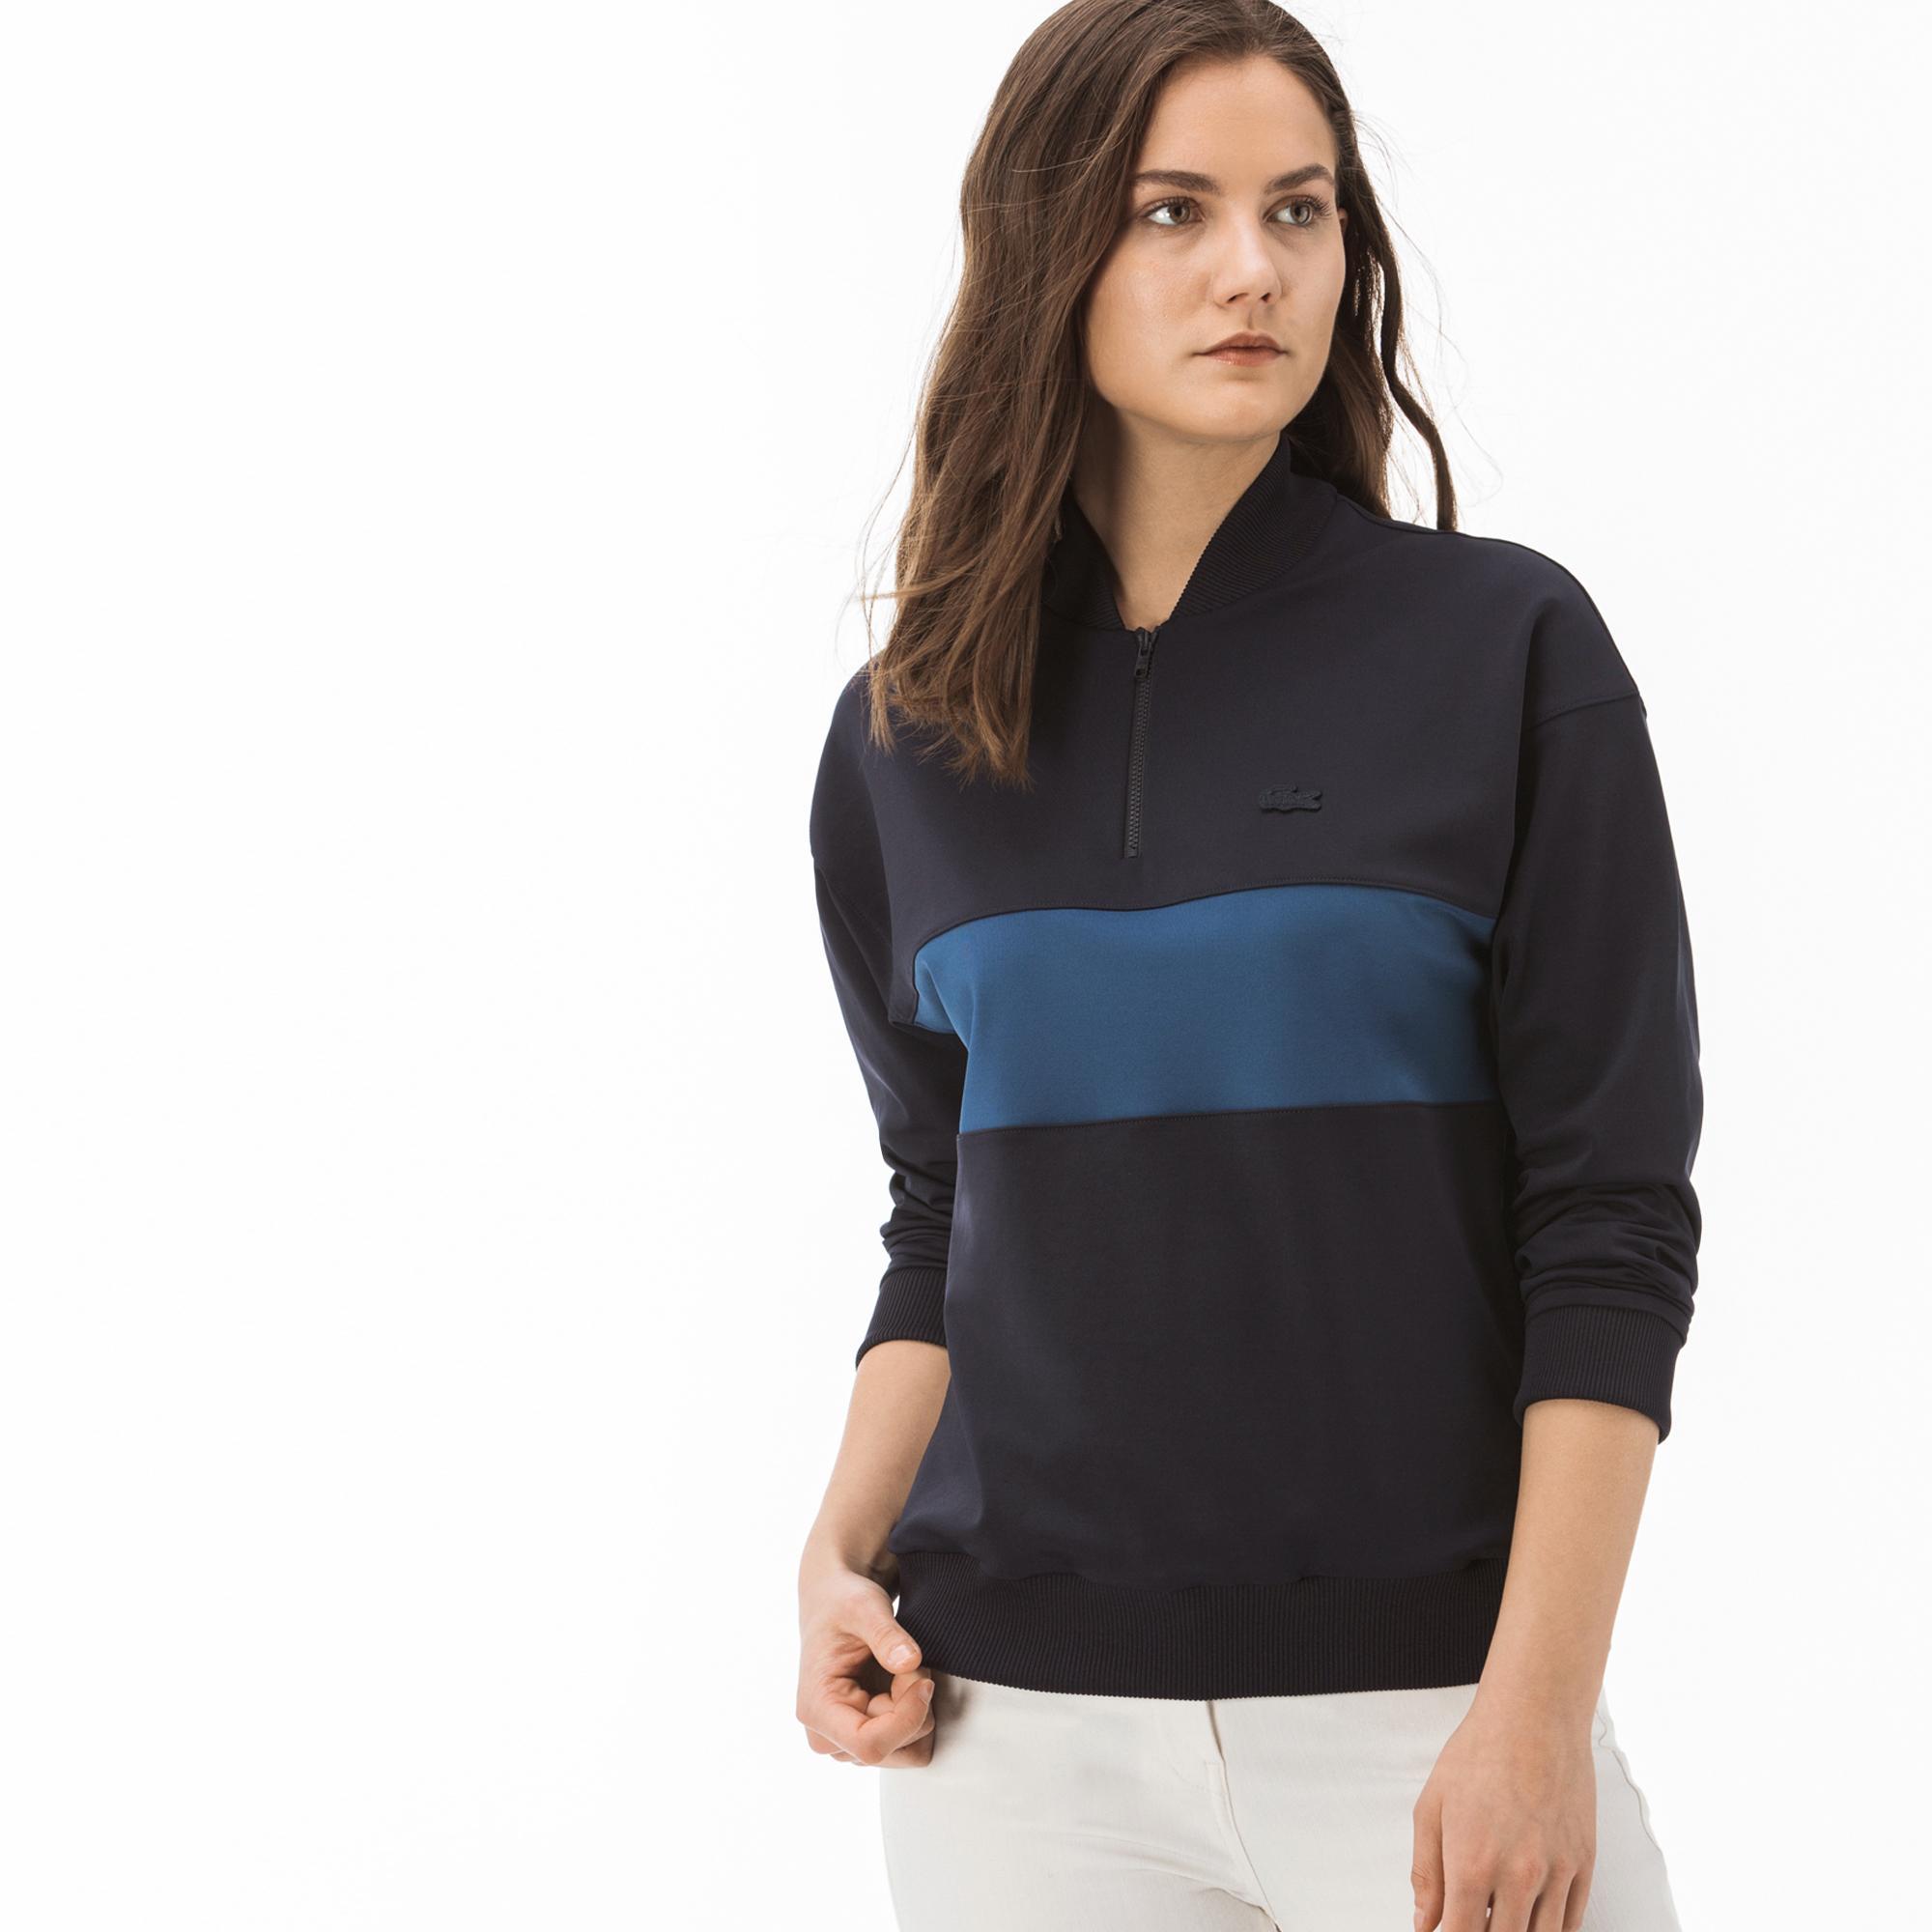 oficjalny dostawca Najnowsza butik wyprzedażowy Lacoste Bluza Damska